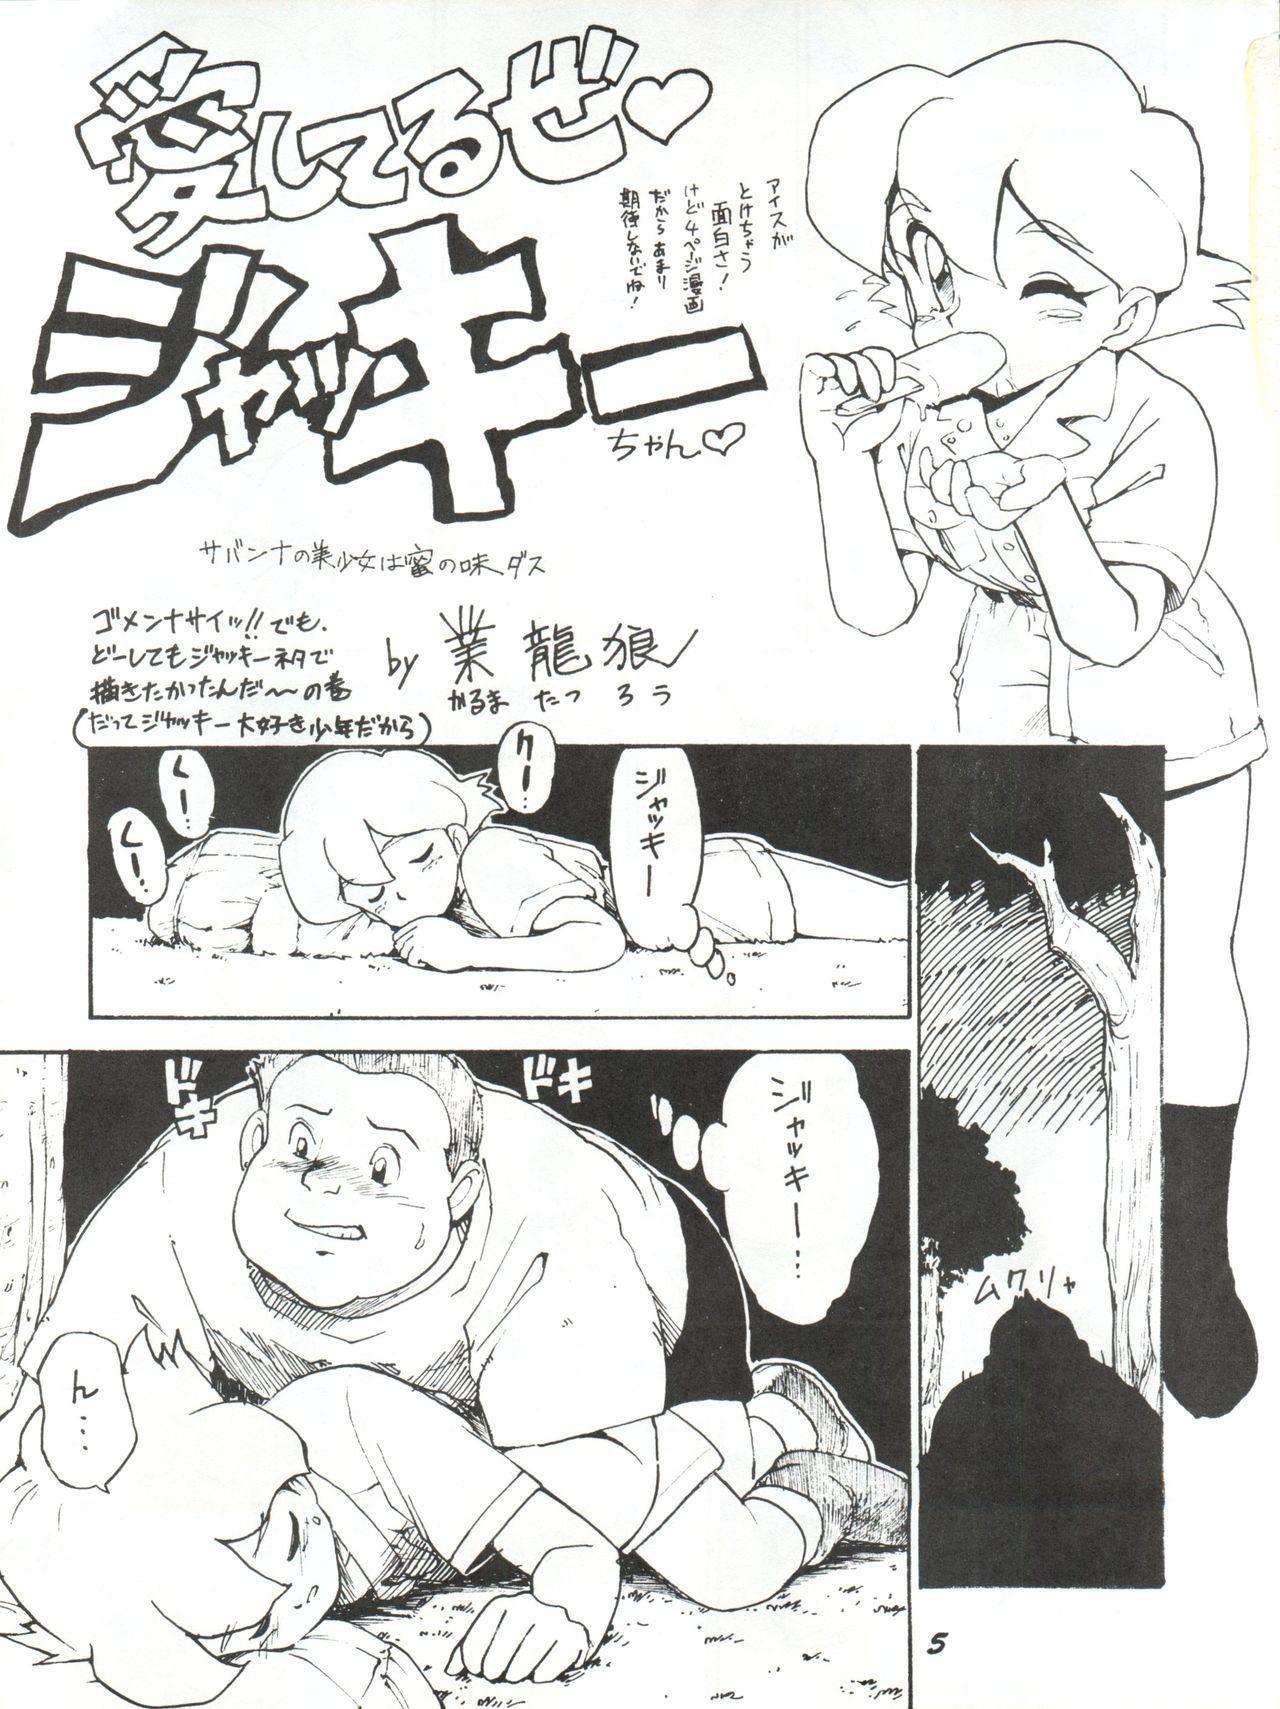 Kaniku 4